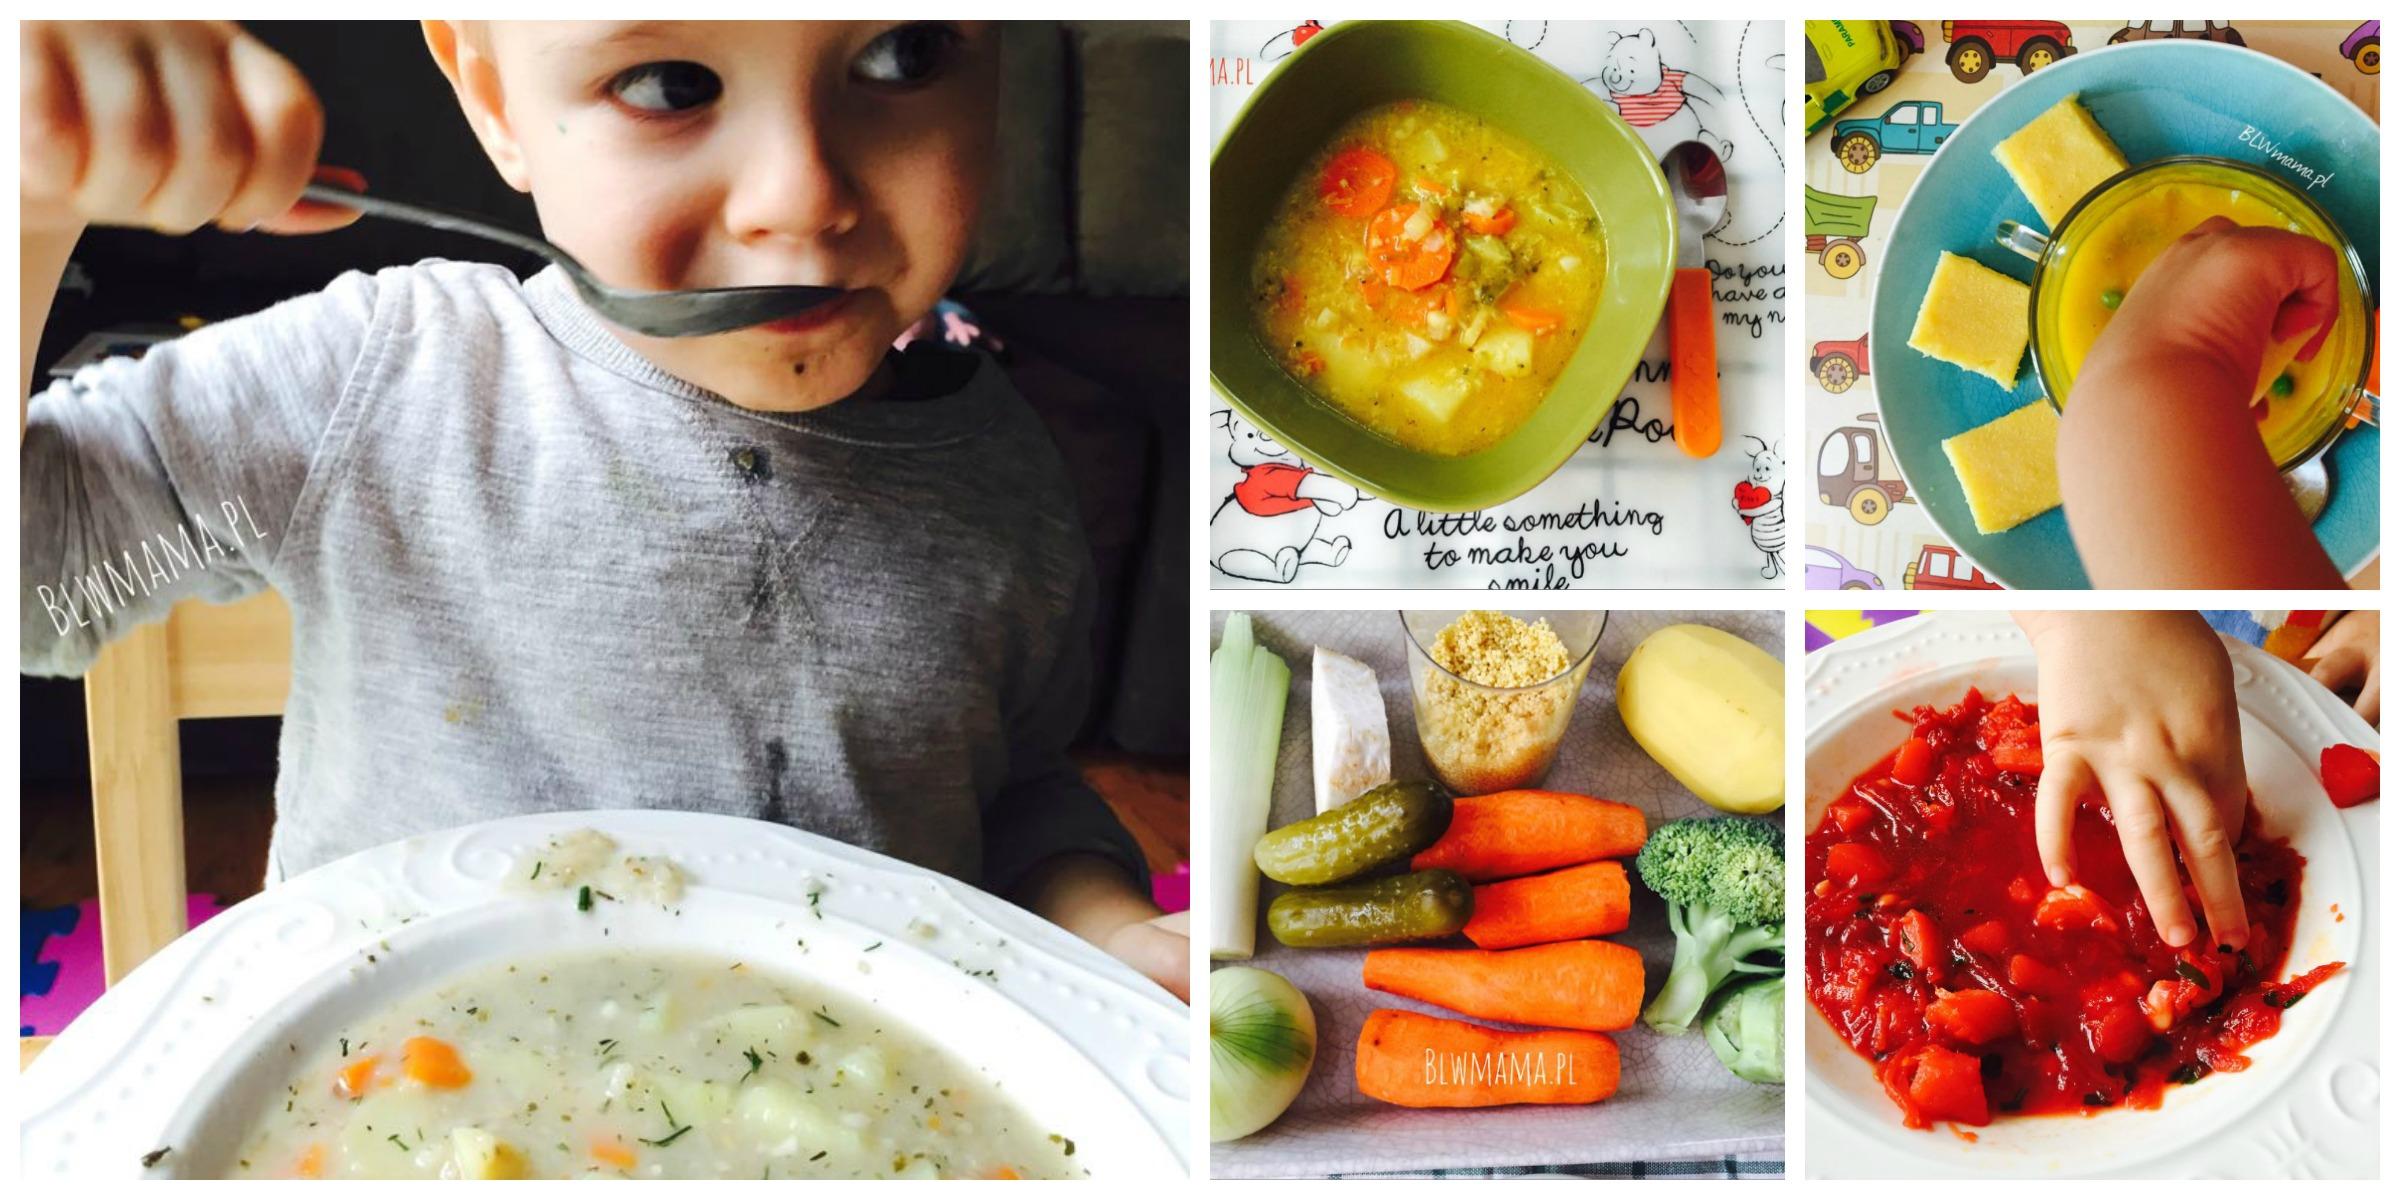 zupy w chorobie 2